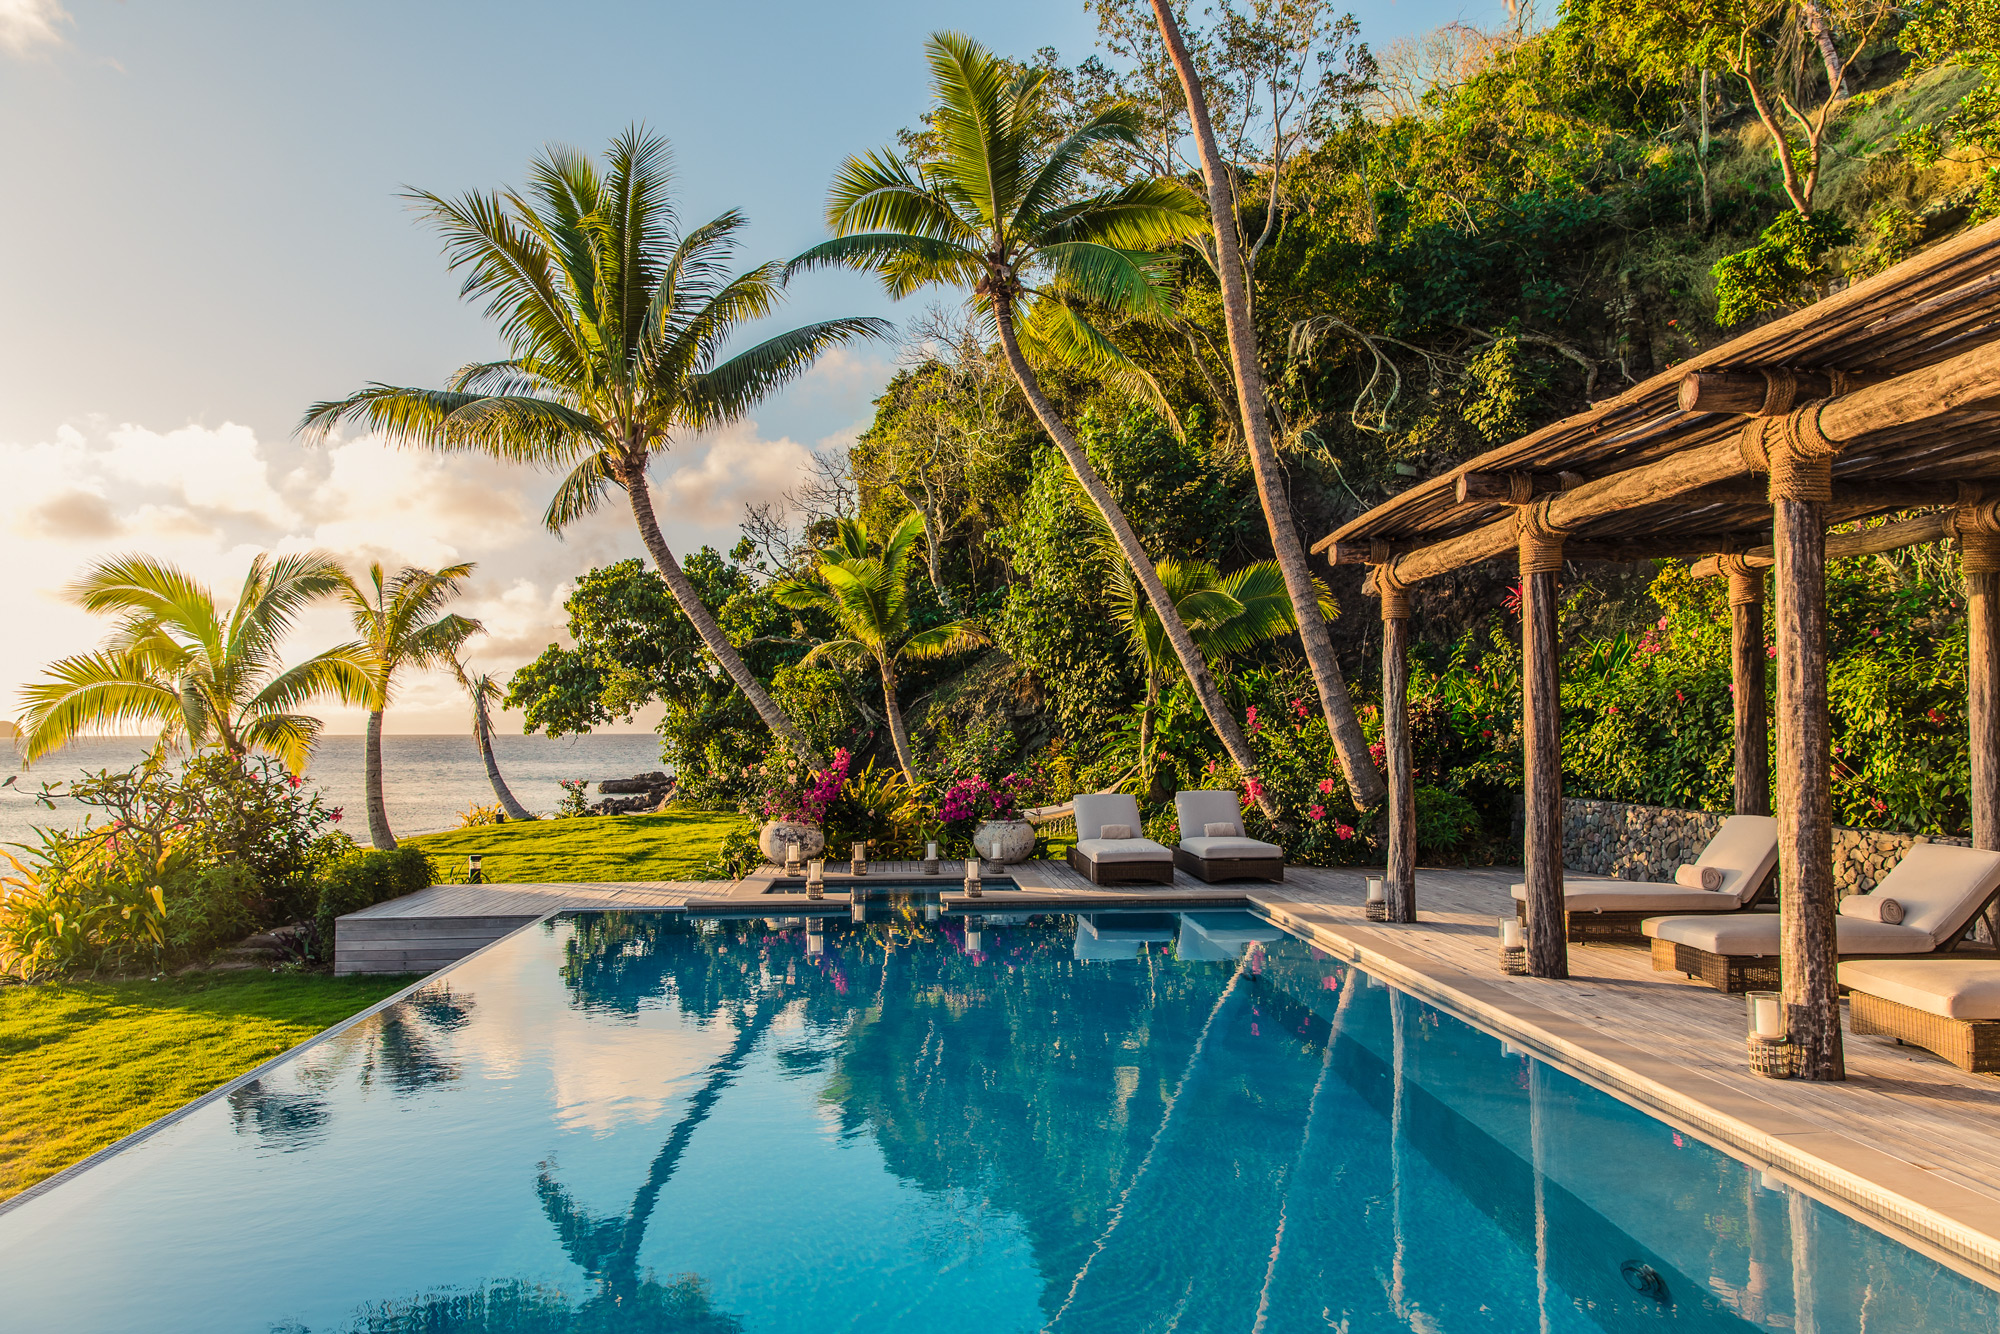 kokomo resort pool